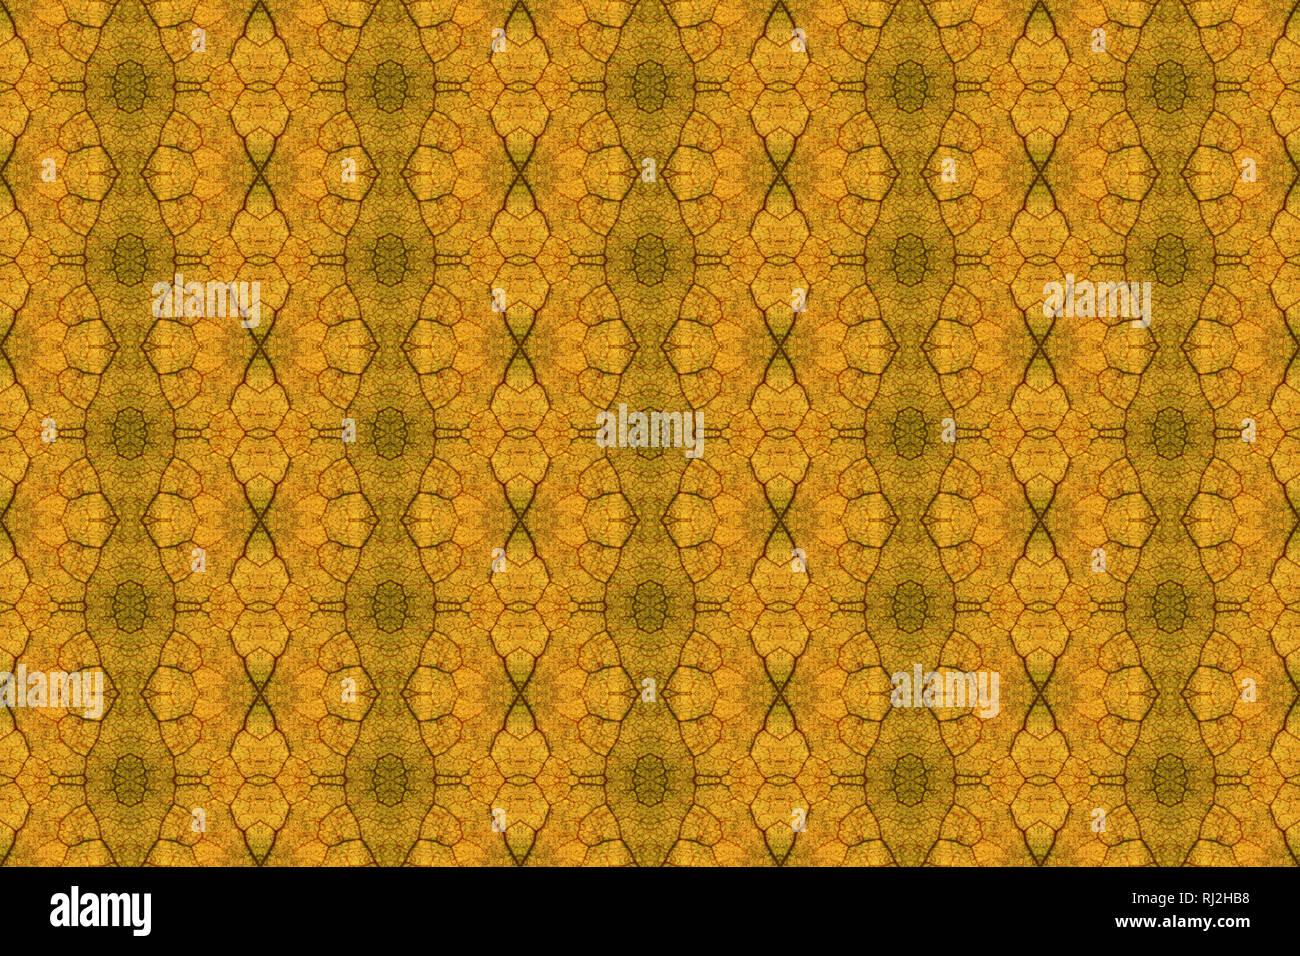 Relativ Dieses Muster wurde von einem Foto einer Herbst Blatt, beleuchtet JJ72